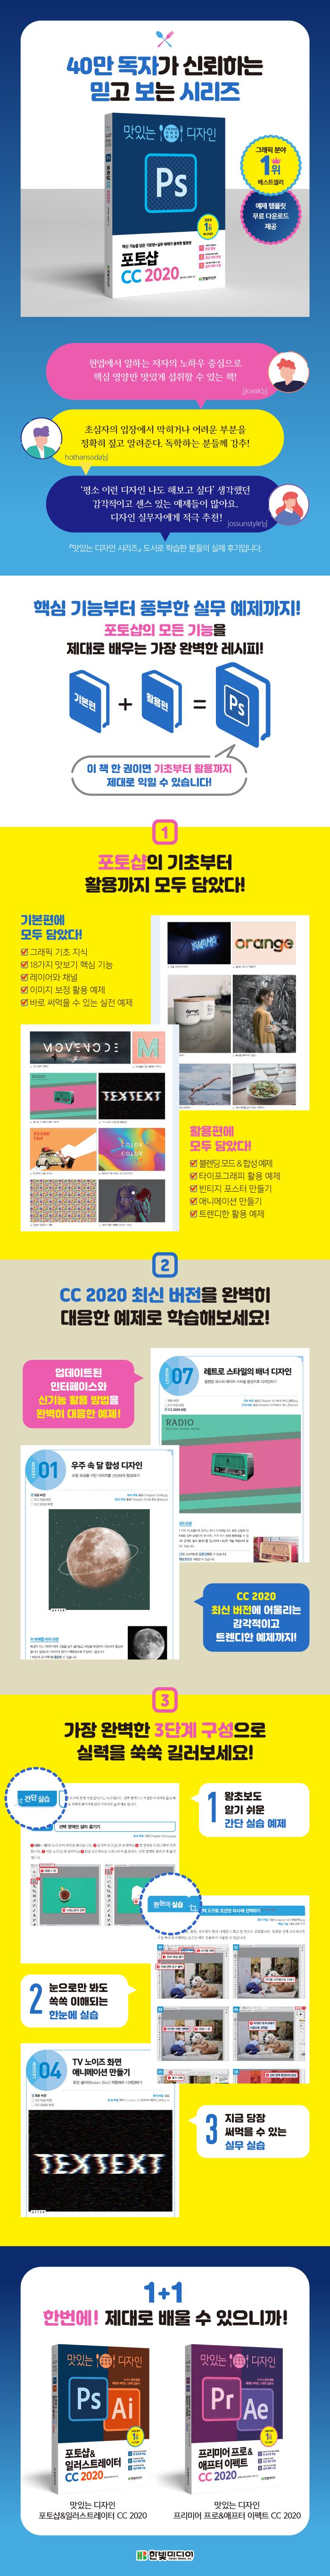 상세페이지_맛있는 디자인 포토샵 CC 2020_700px.png